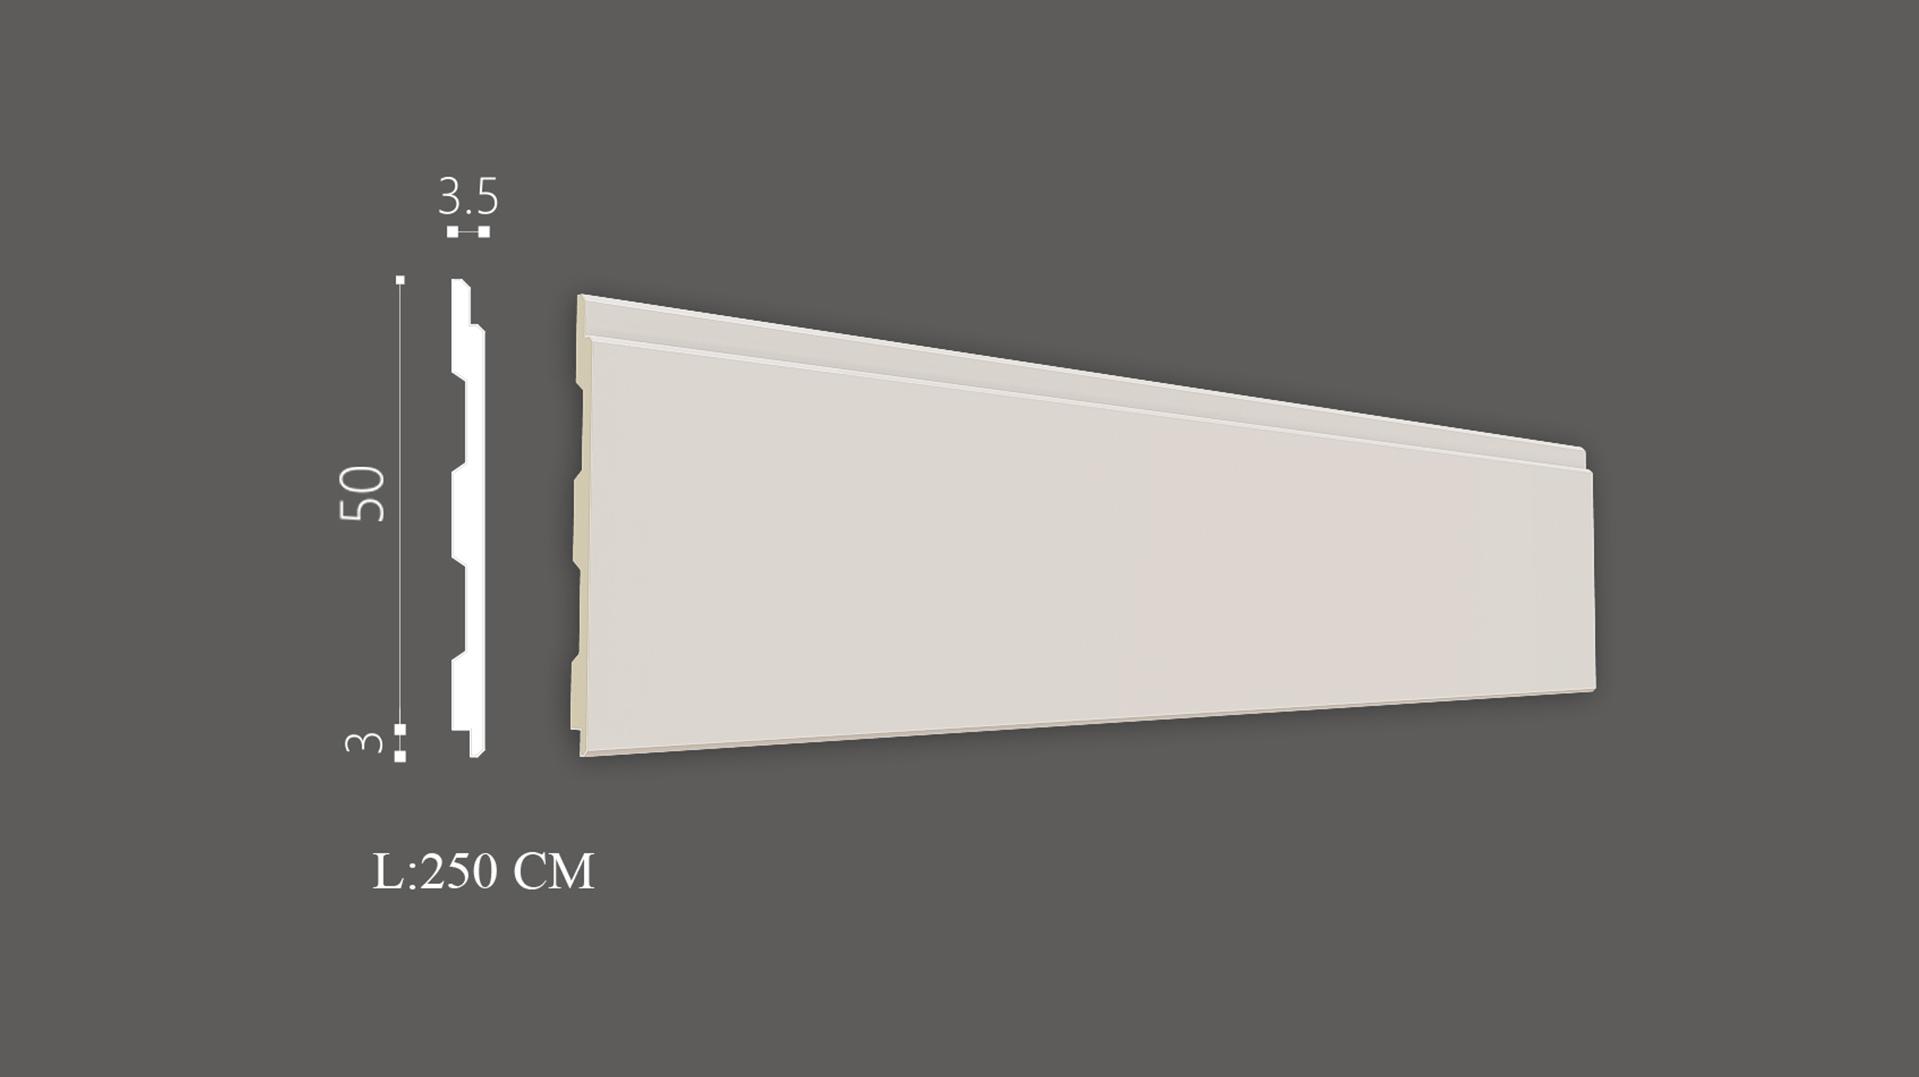 PANEL 50 CML250CM